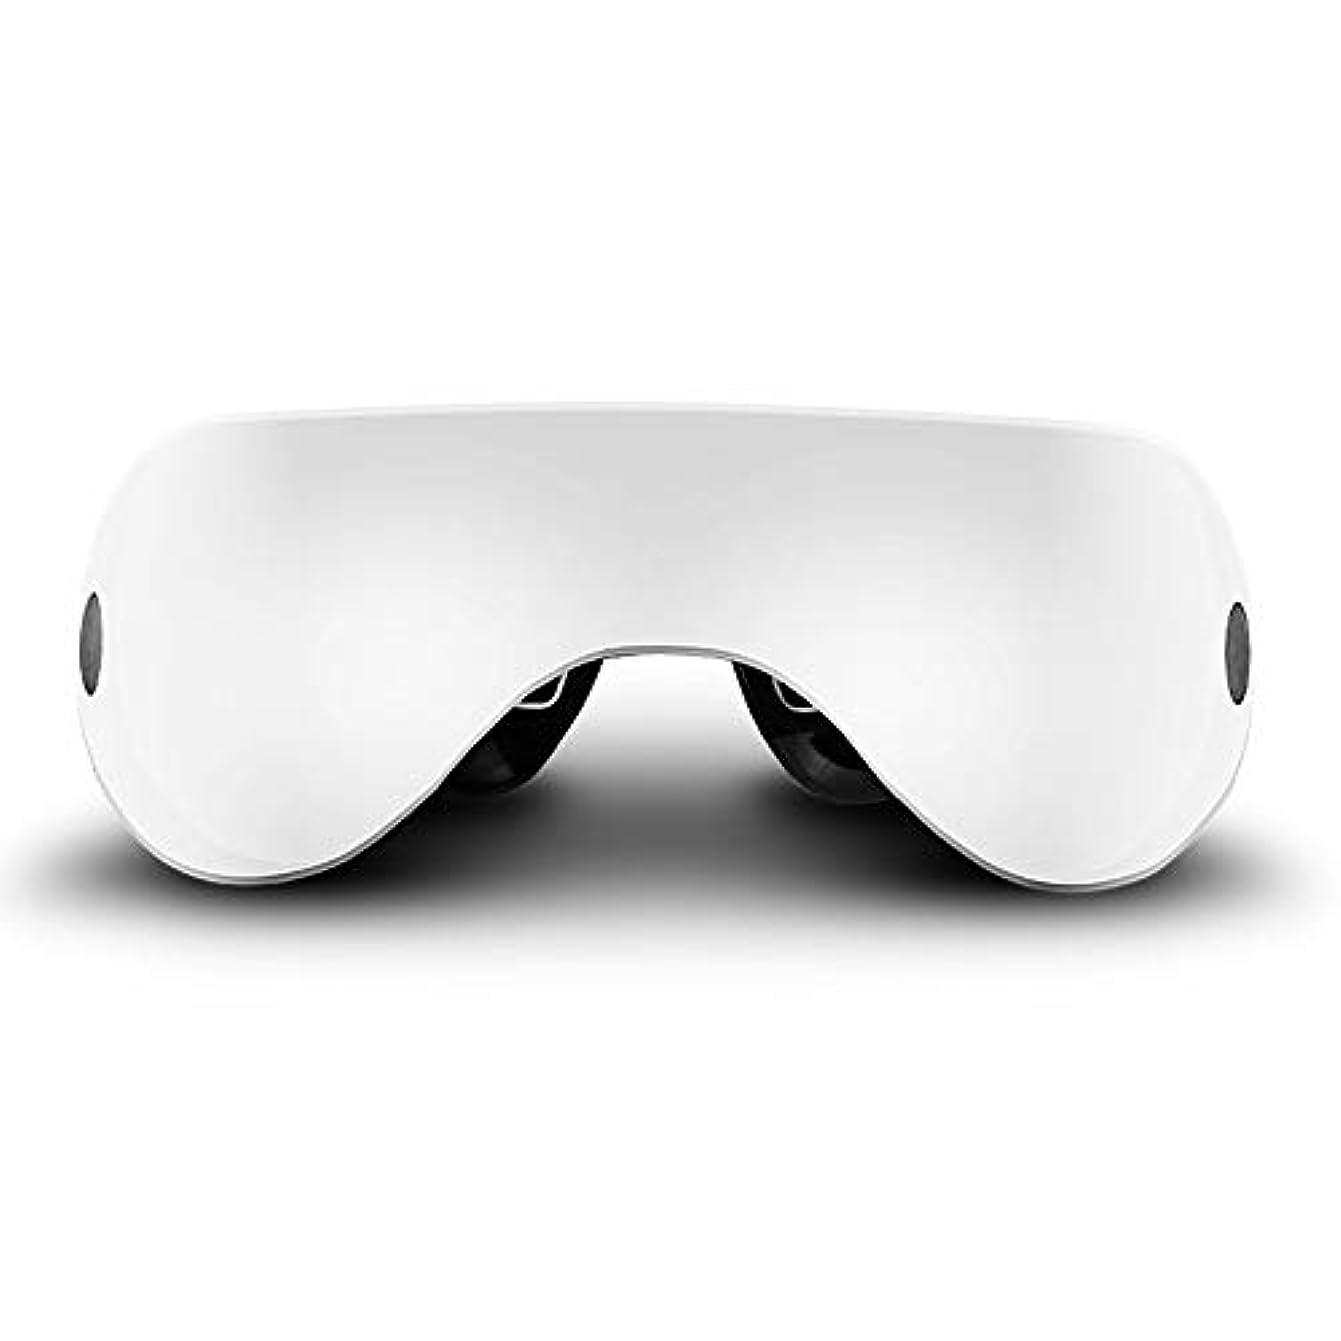 寸前初期の公平JJYPY 電動アイマッサージャー、目の疲労のためのワイヤレス充電式アイマッサージャードライアイストレスリリーフ (Color : White)